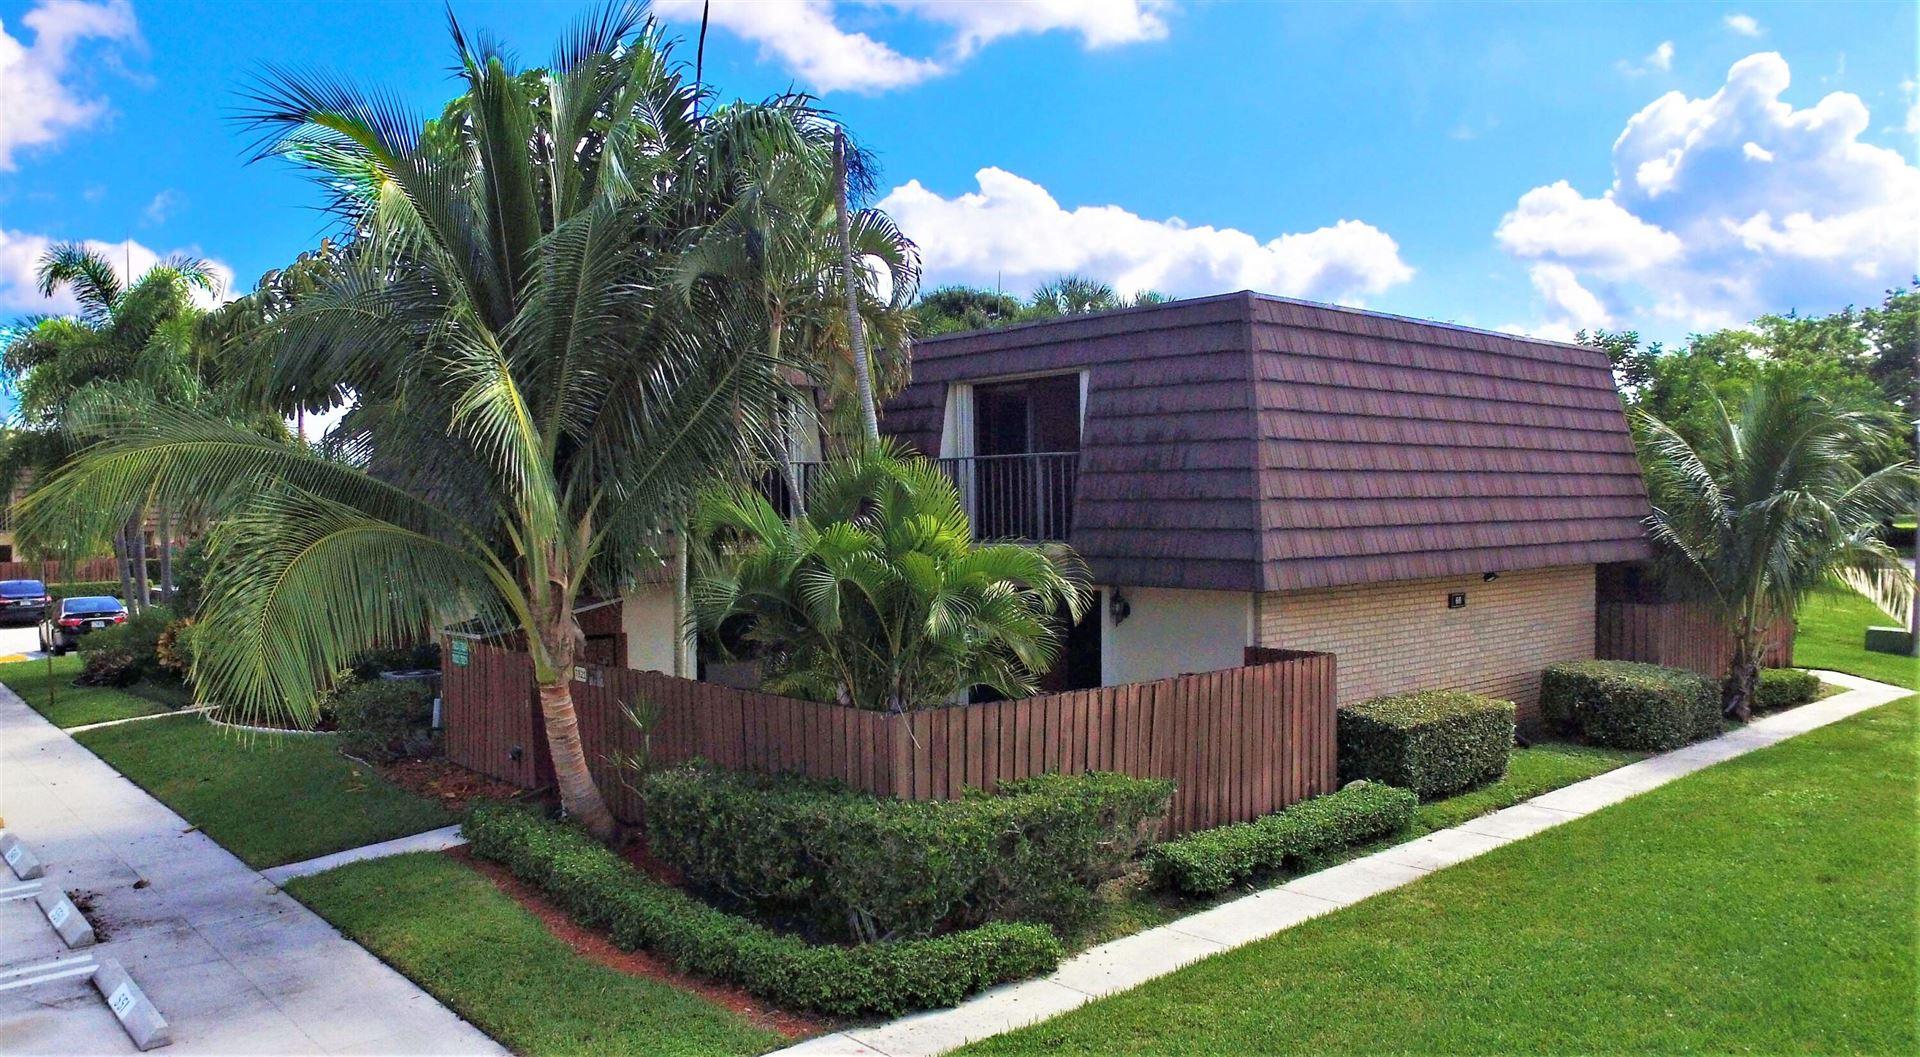 7821 78th Way, West Palm Beach, FL 33407 - MLS#: RX-10752841